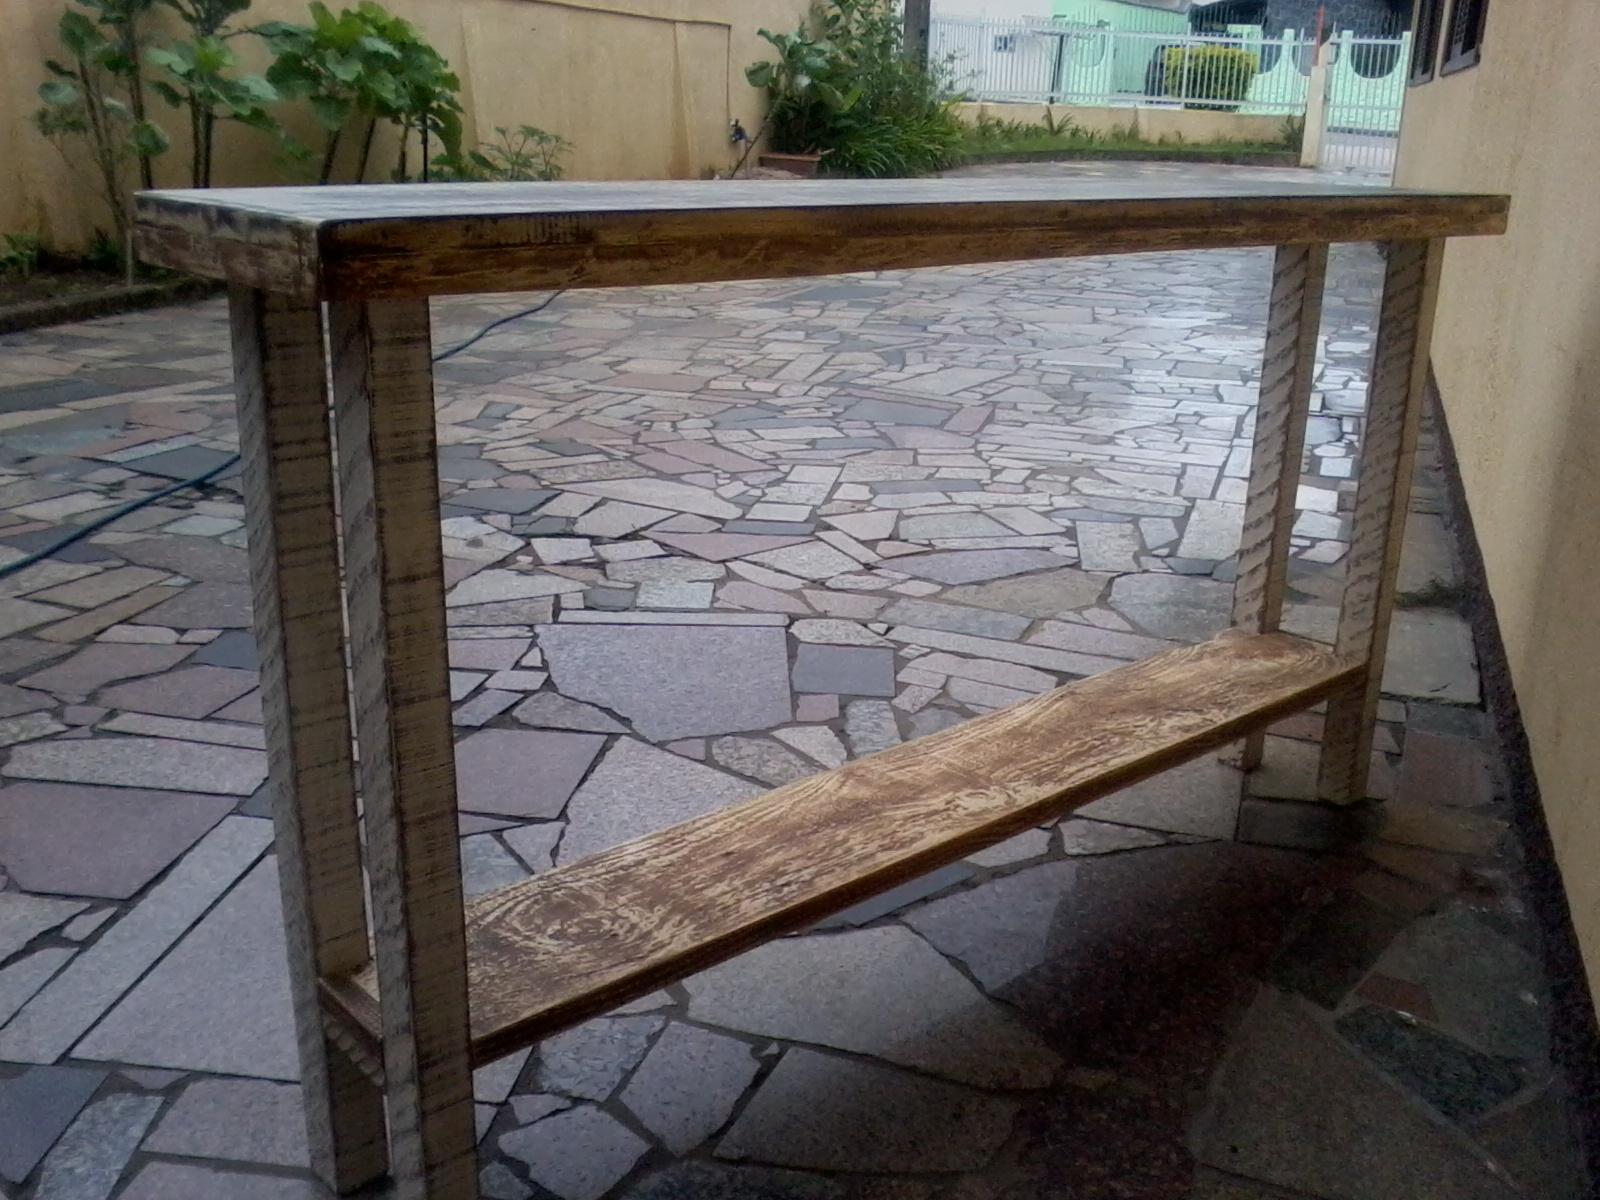 Brechó da Tila: Móveis artesanais madeira de demolição/reciclada #796652 1600x1200